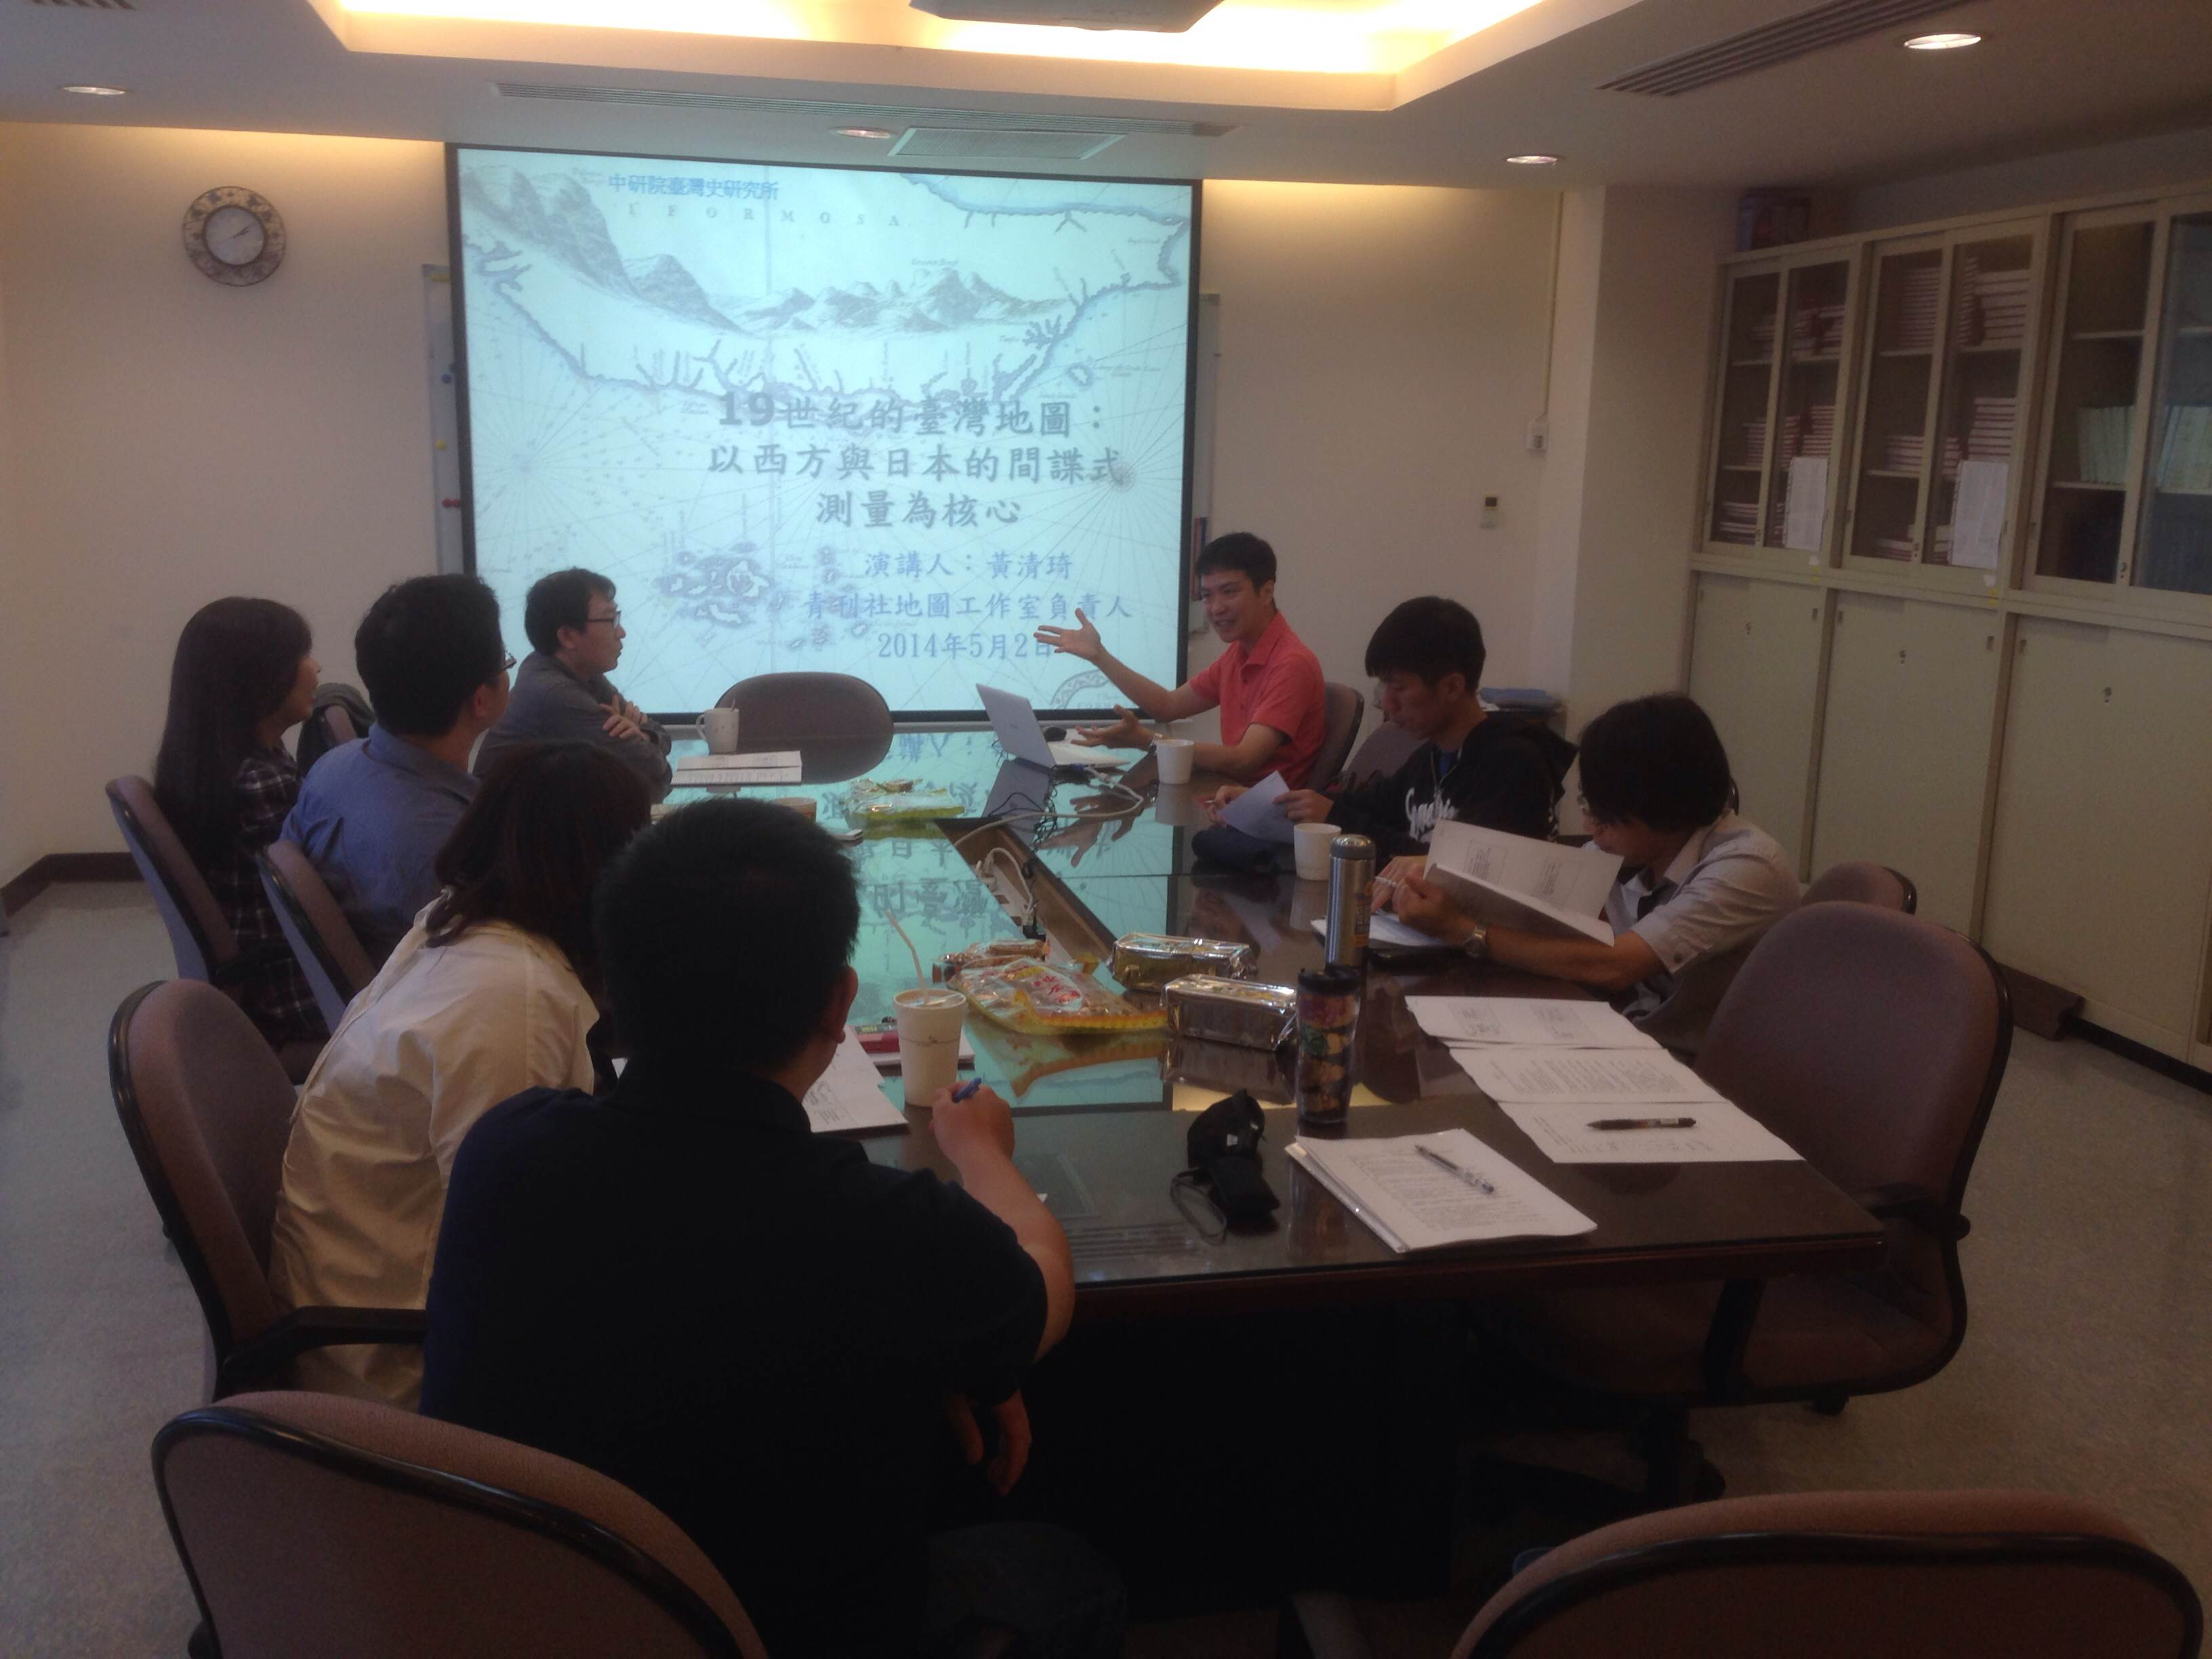 「世界史觀點下十九世紀的臺灣歷史——西文史料的閱讀、詮釋、想像」工作坊 第三次討論會紀要